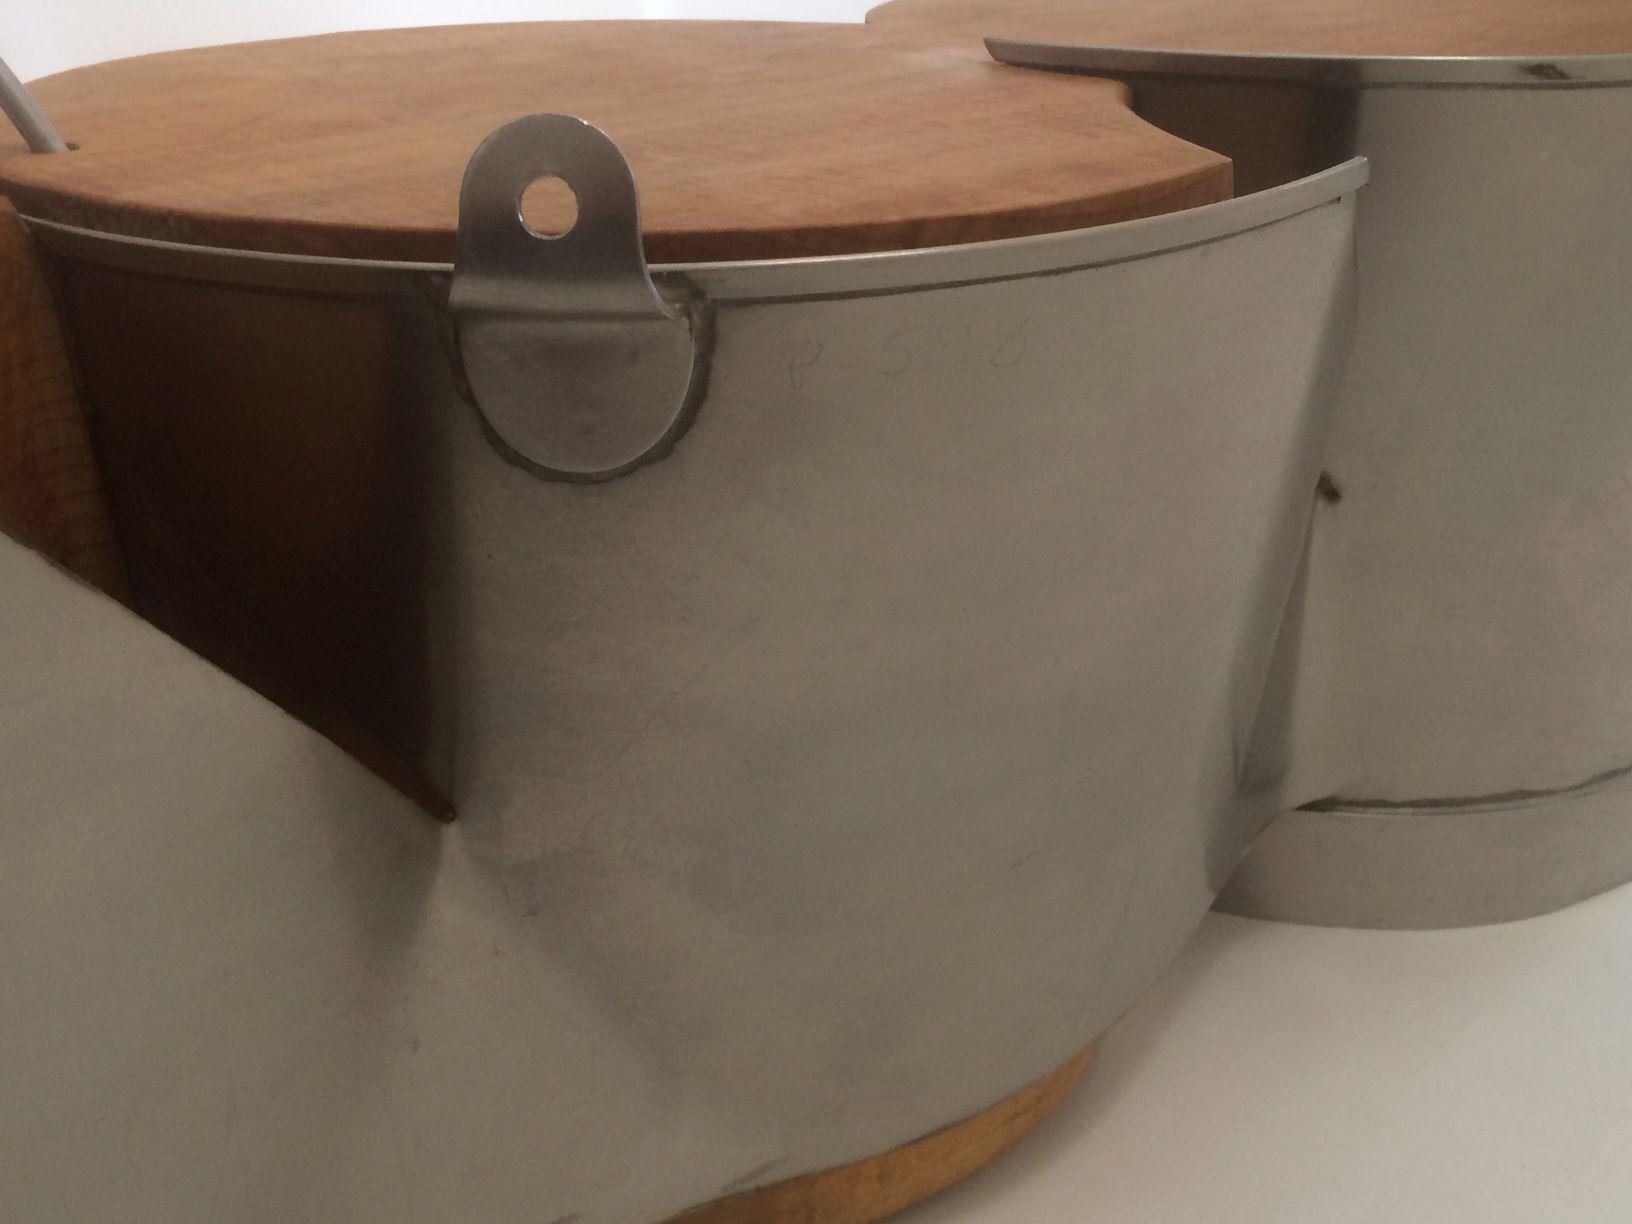 Pin by Matt Kinney on Steel Bucket Steel bucket, Steel